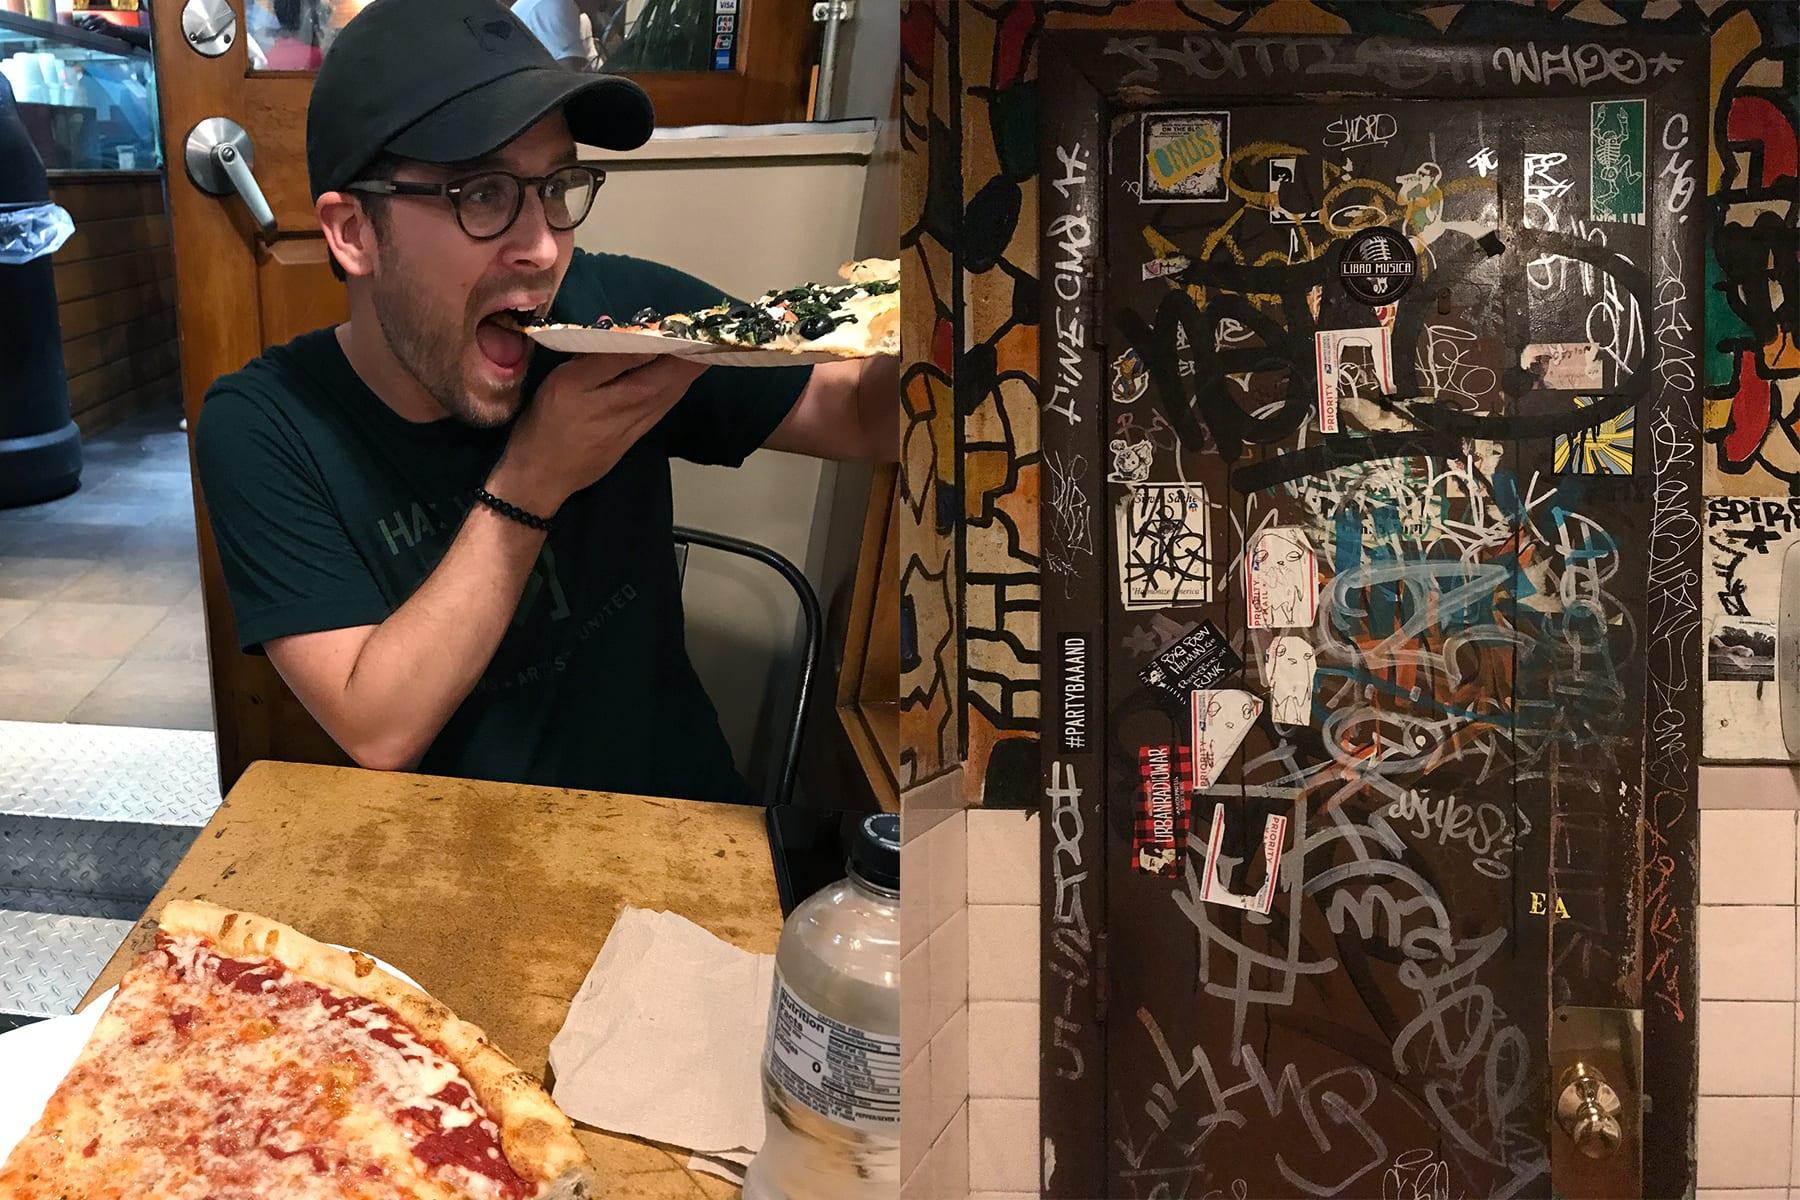 04-MA-journey59-pizzajazz.jpg